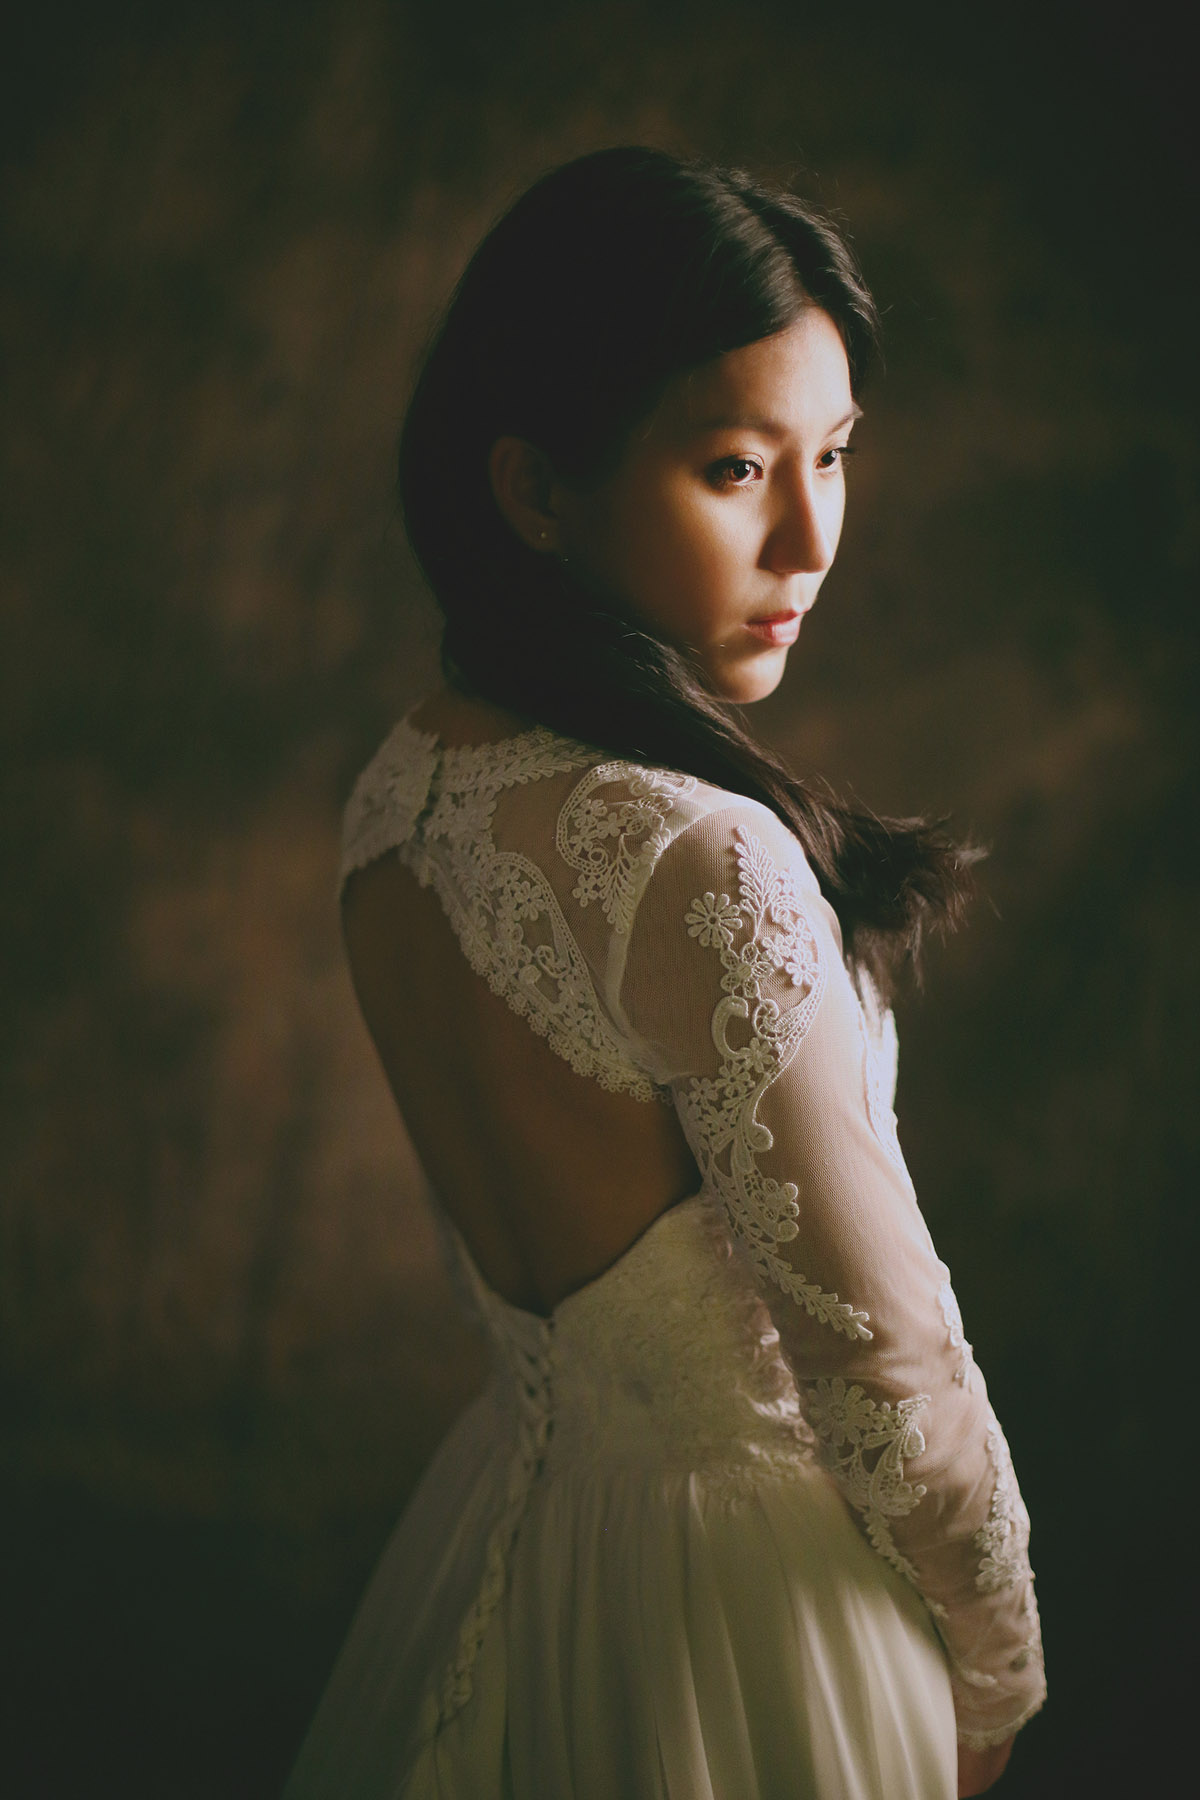 婚紗照,精典,棚拍,底片,溫度,情感,簡約,雋永